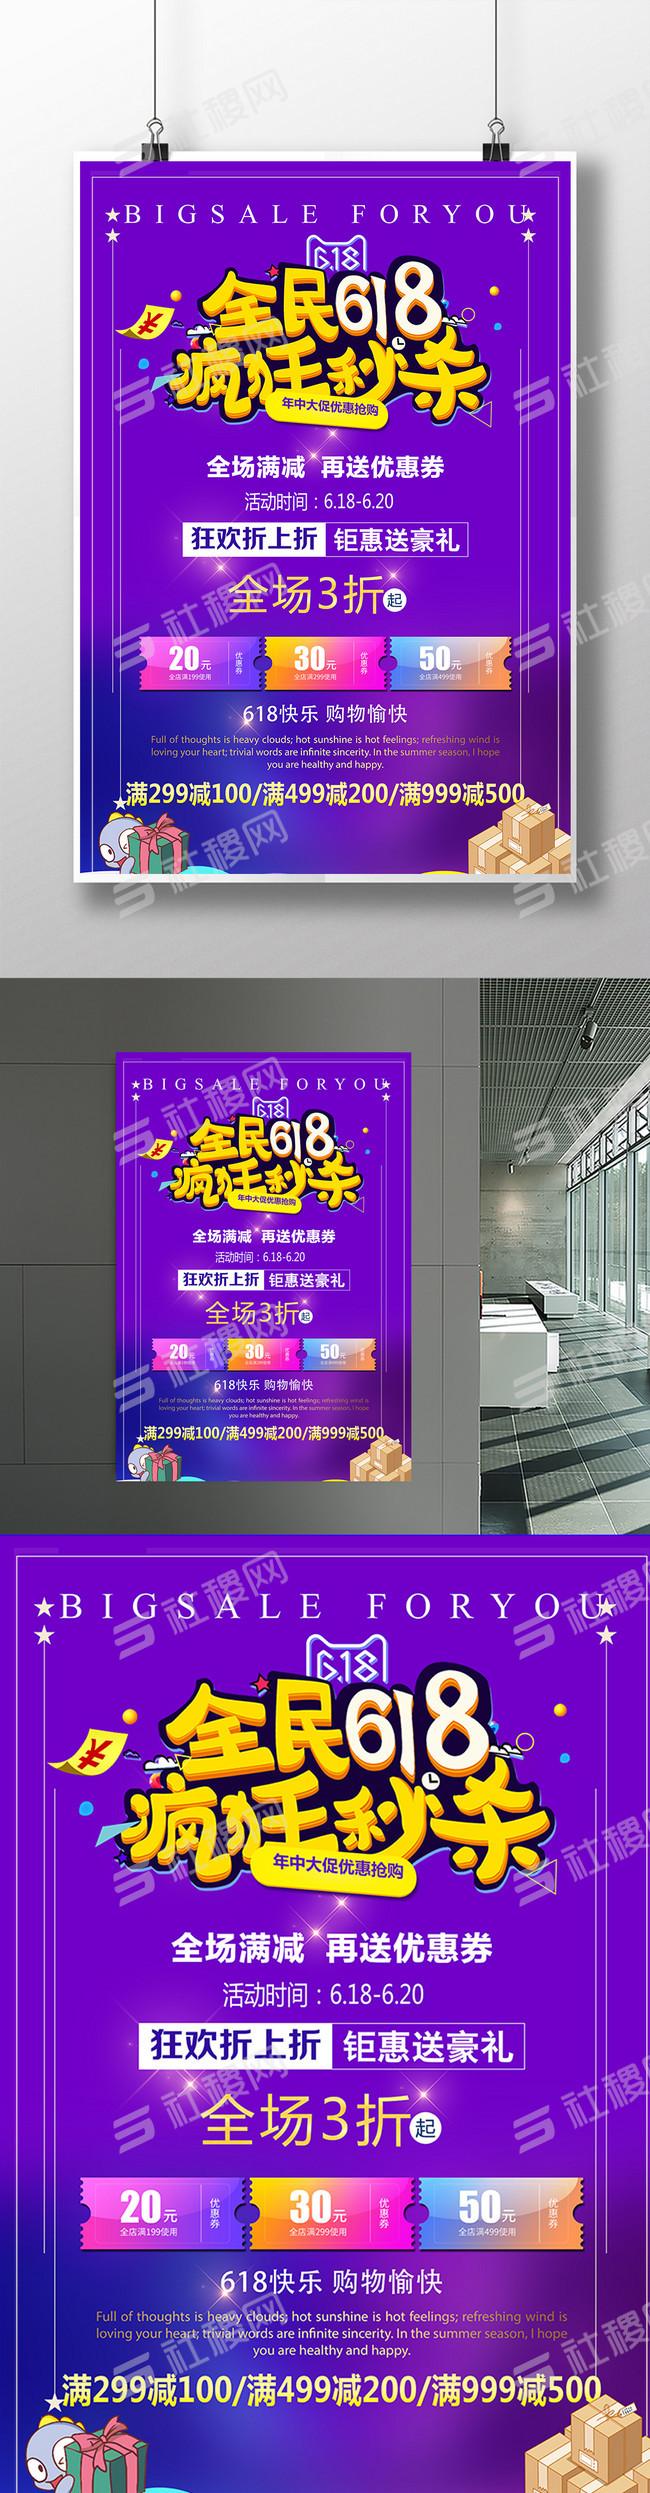 淘宝618全球购物狂欢节海报